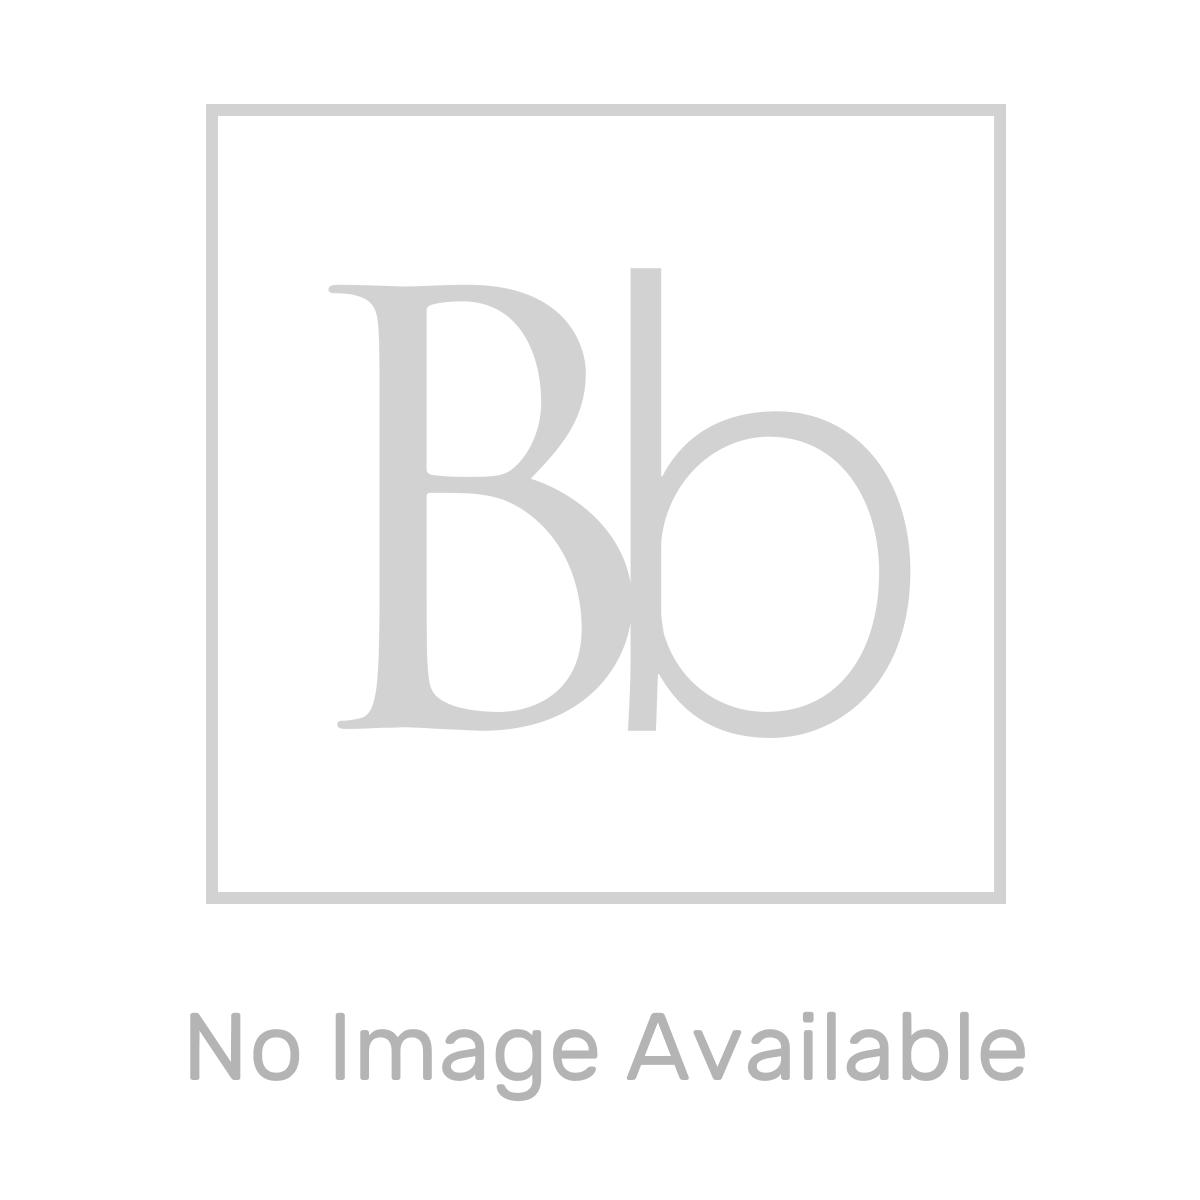 April Brearton Thin Rim Freestanding Bath 1500mm Overhead